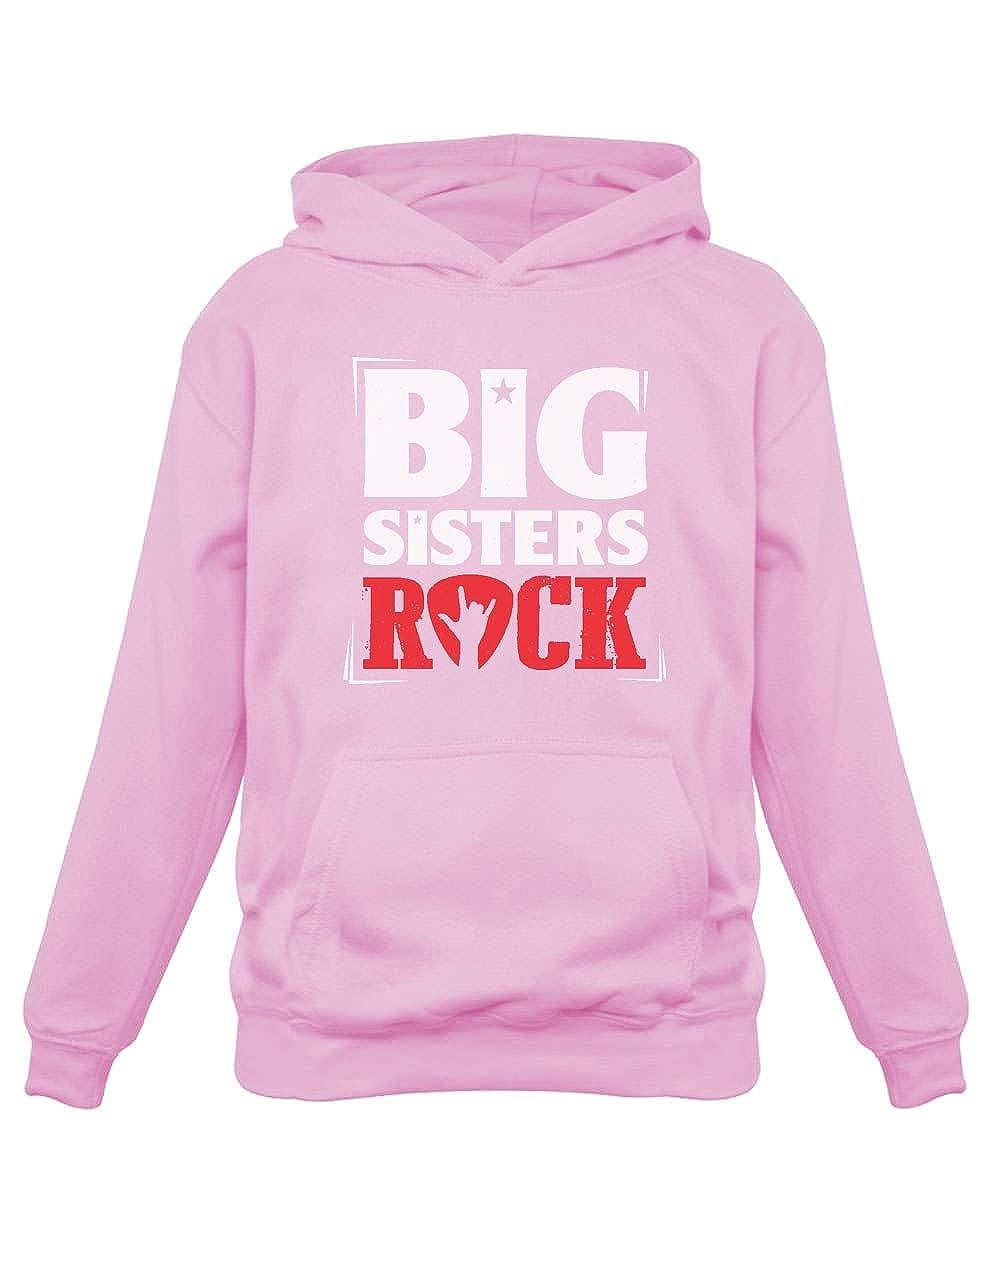 Sudadera con Capucha para niños - Big Sisters Rock - Regalo Original de cumpleaños para Hermanas Mayores: Amazon.es: Ropa y accesorios